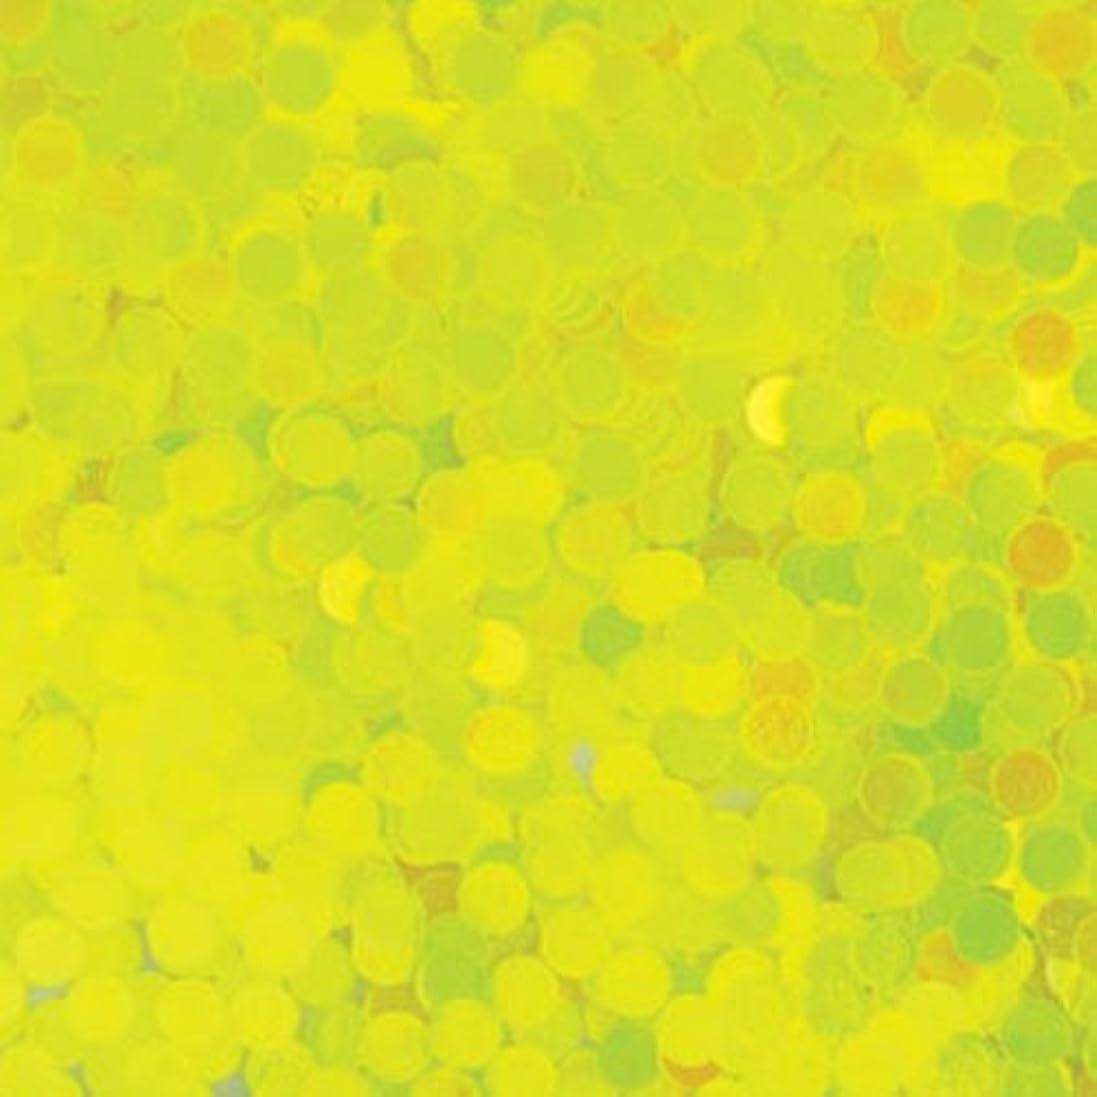 請う運営動力学ピカエース ネイル用パウダー 丸蛍光 2mm #446 レモン 0.5g